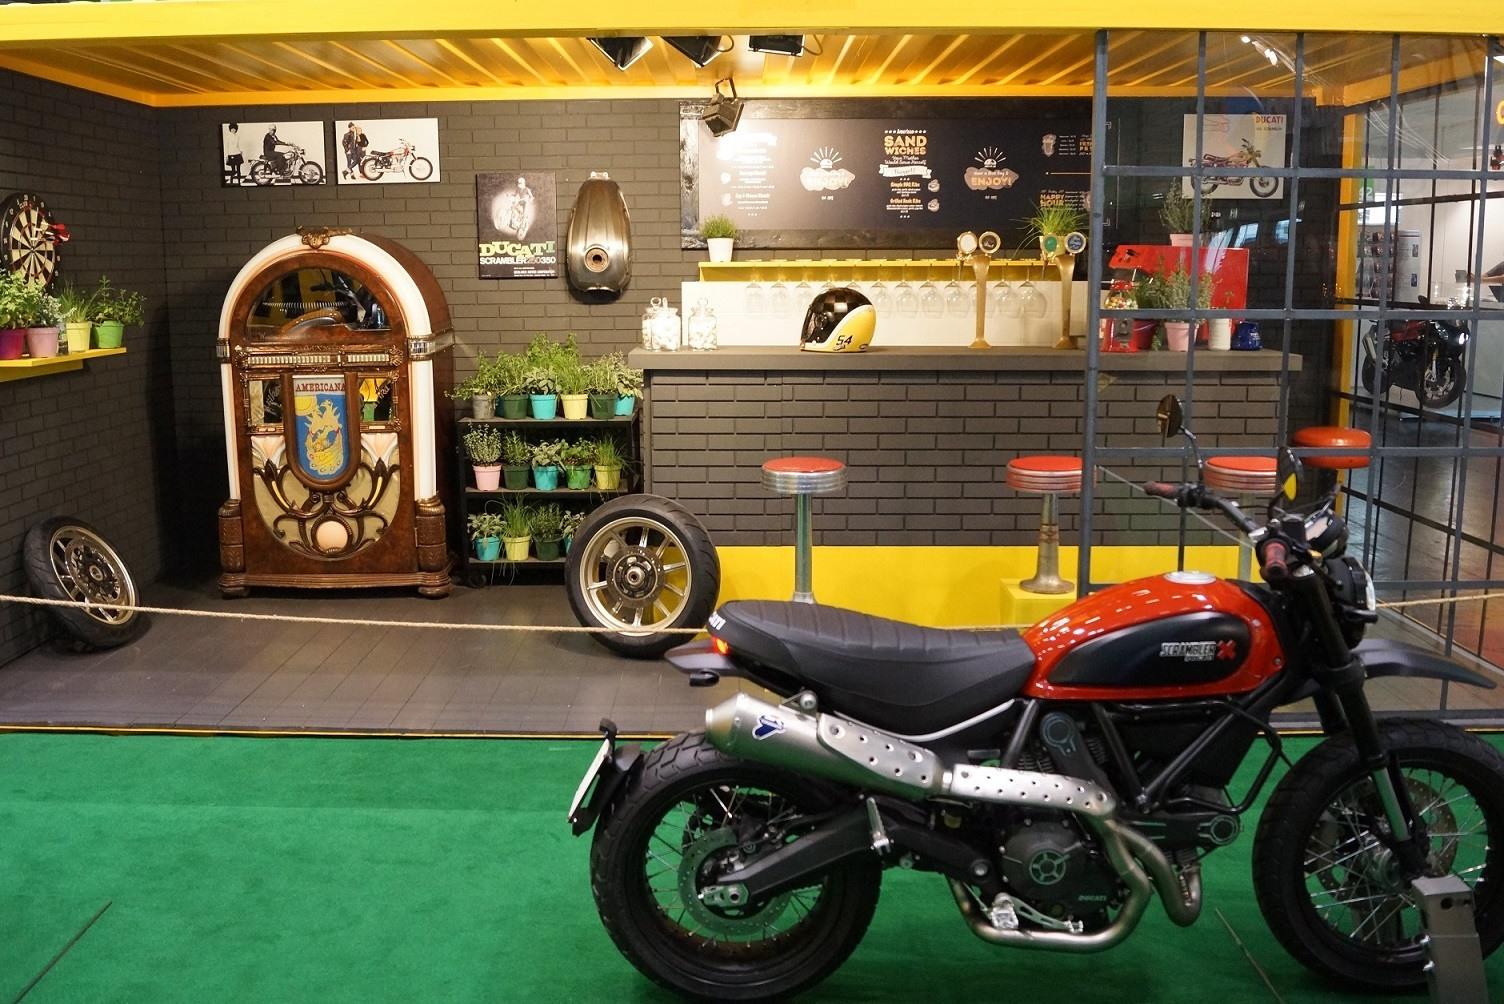 El Área Scrambler protagonista Ducati en Intermot